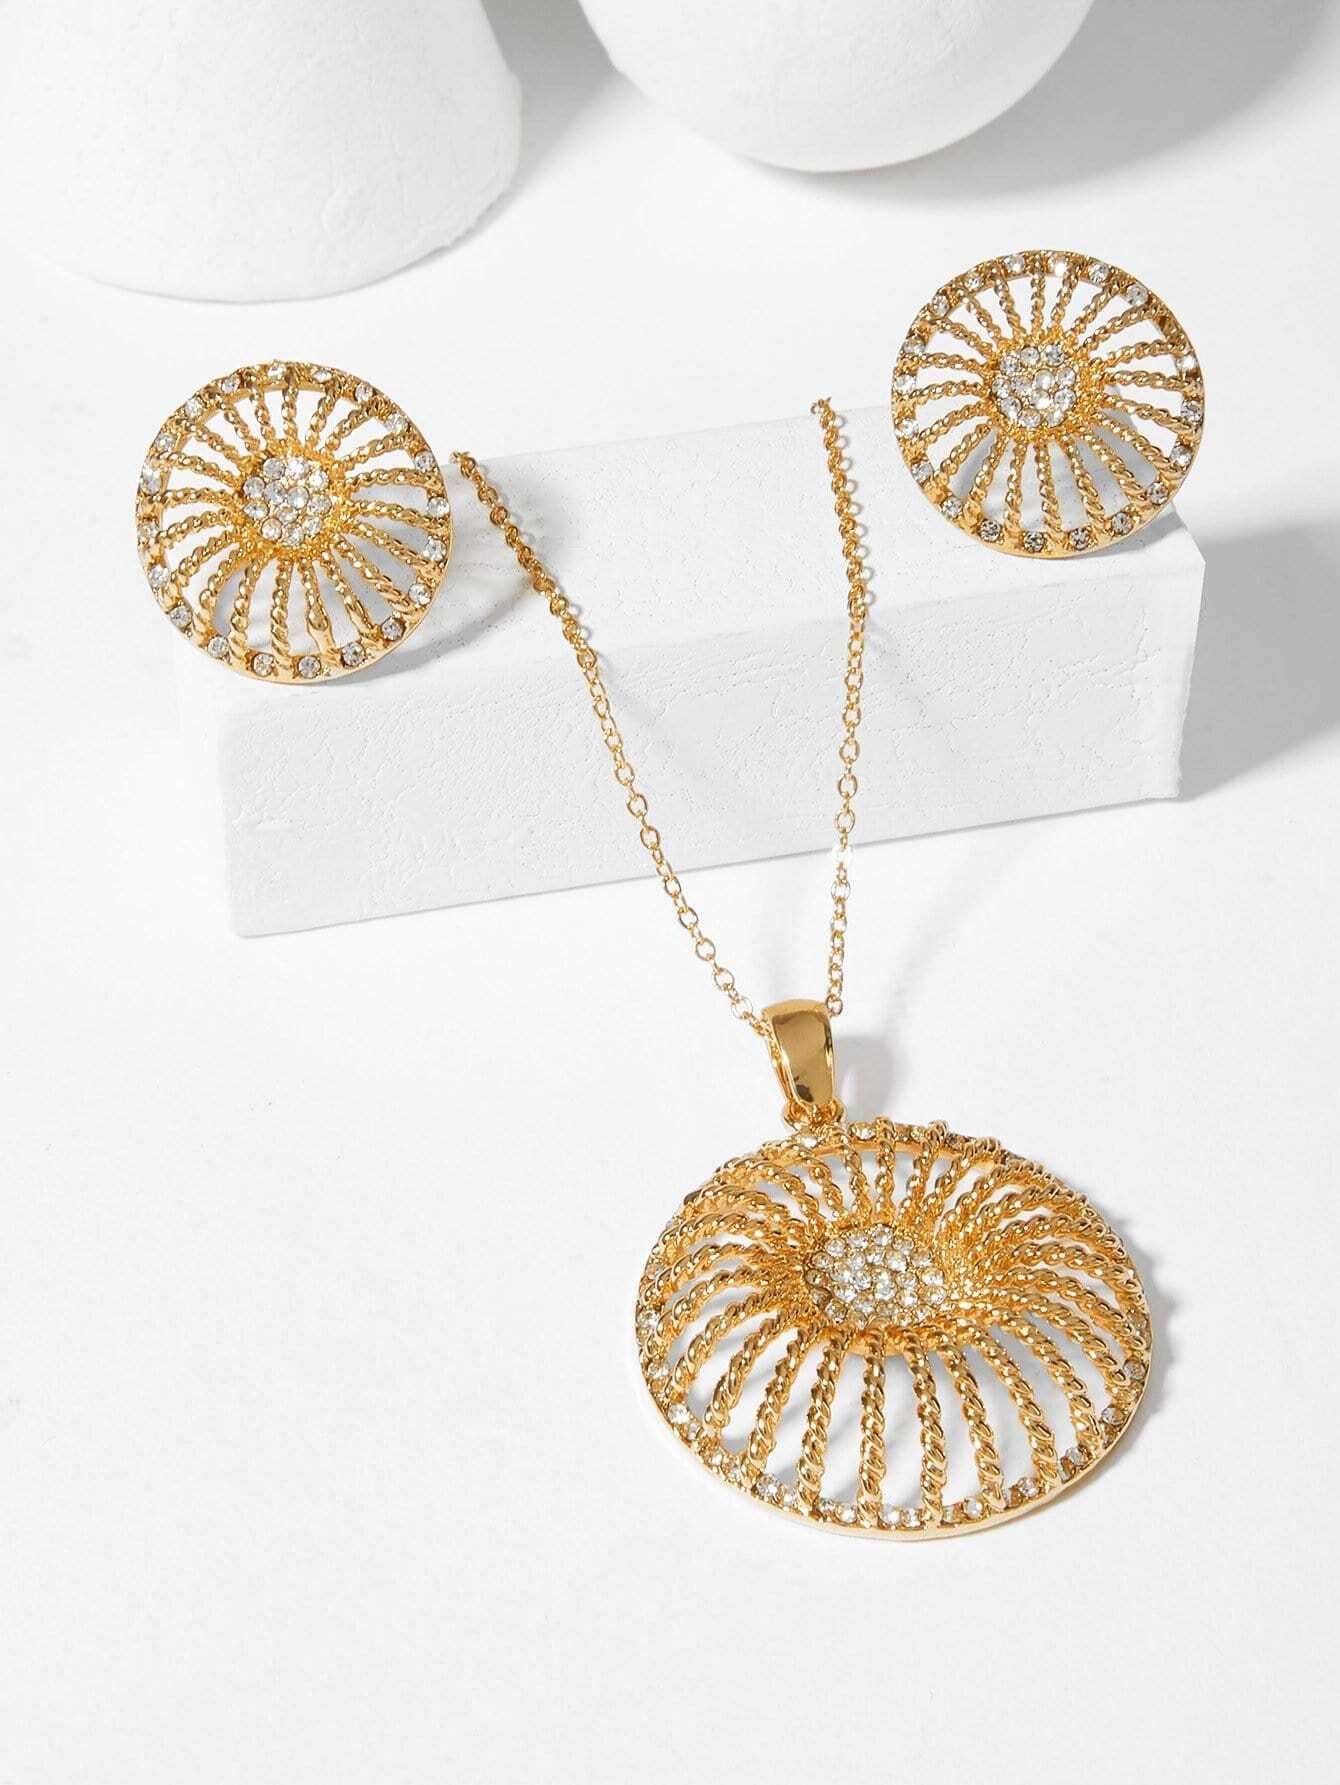 Купить Ожерелье с подвеской ажурного круга и серьги, null, SheIn